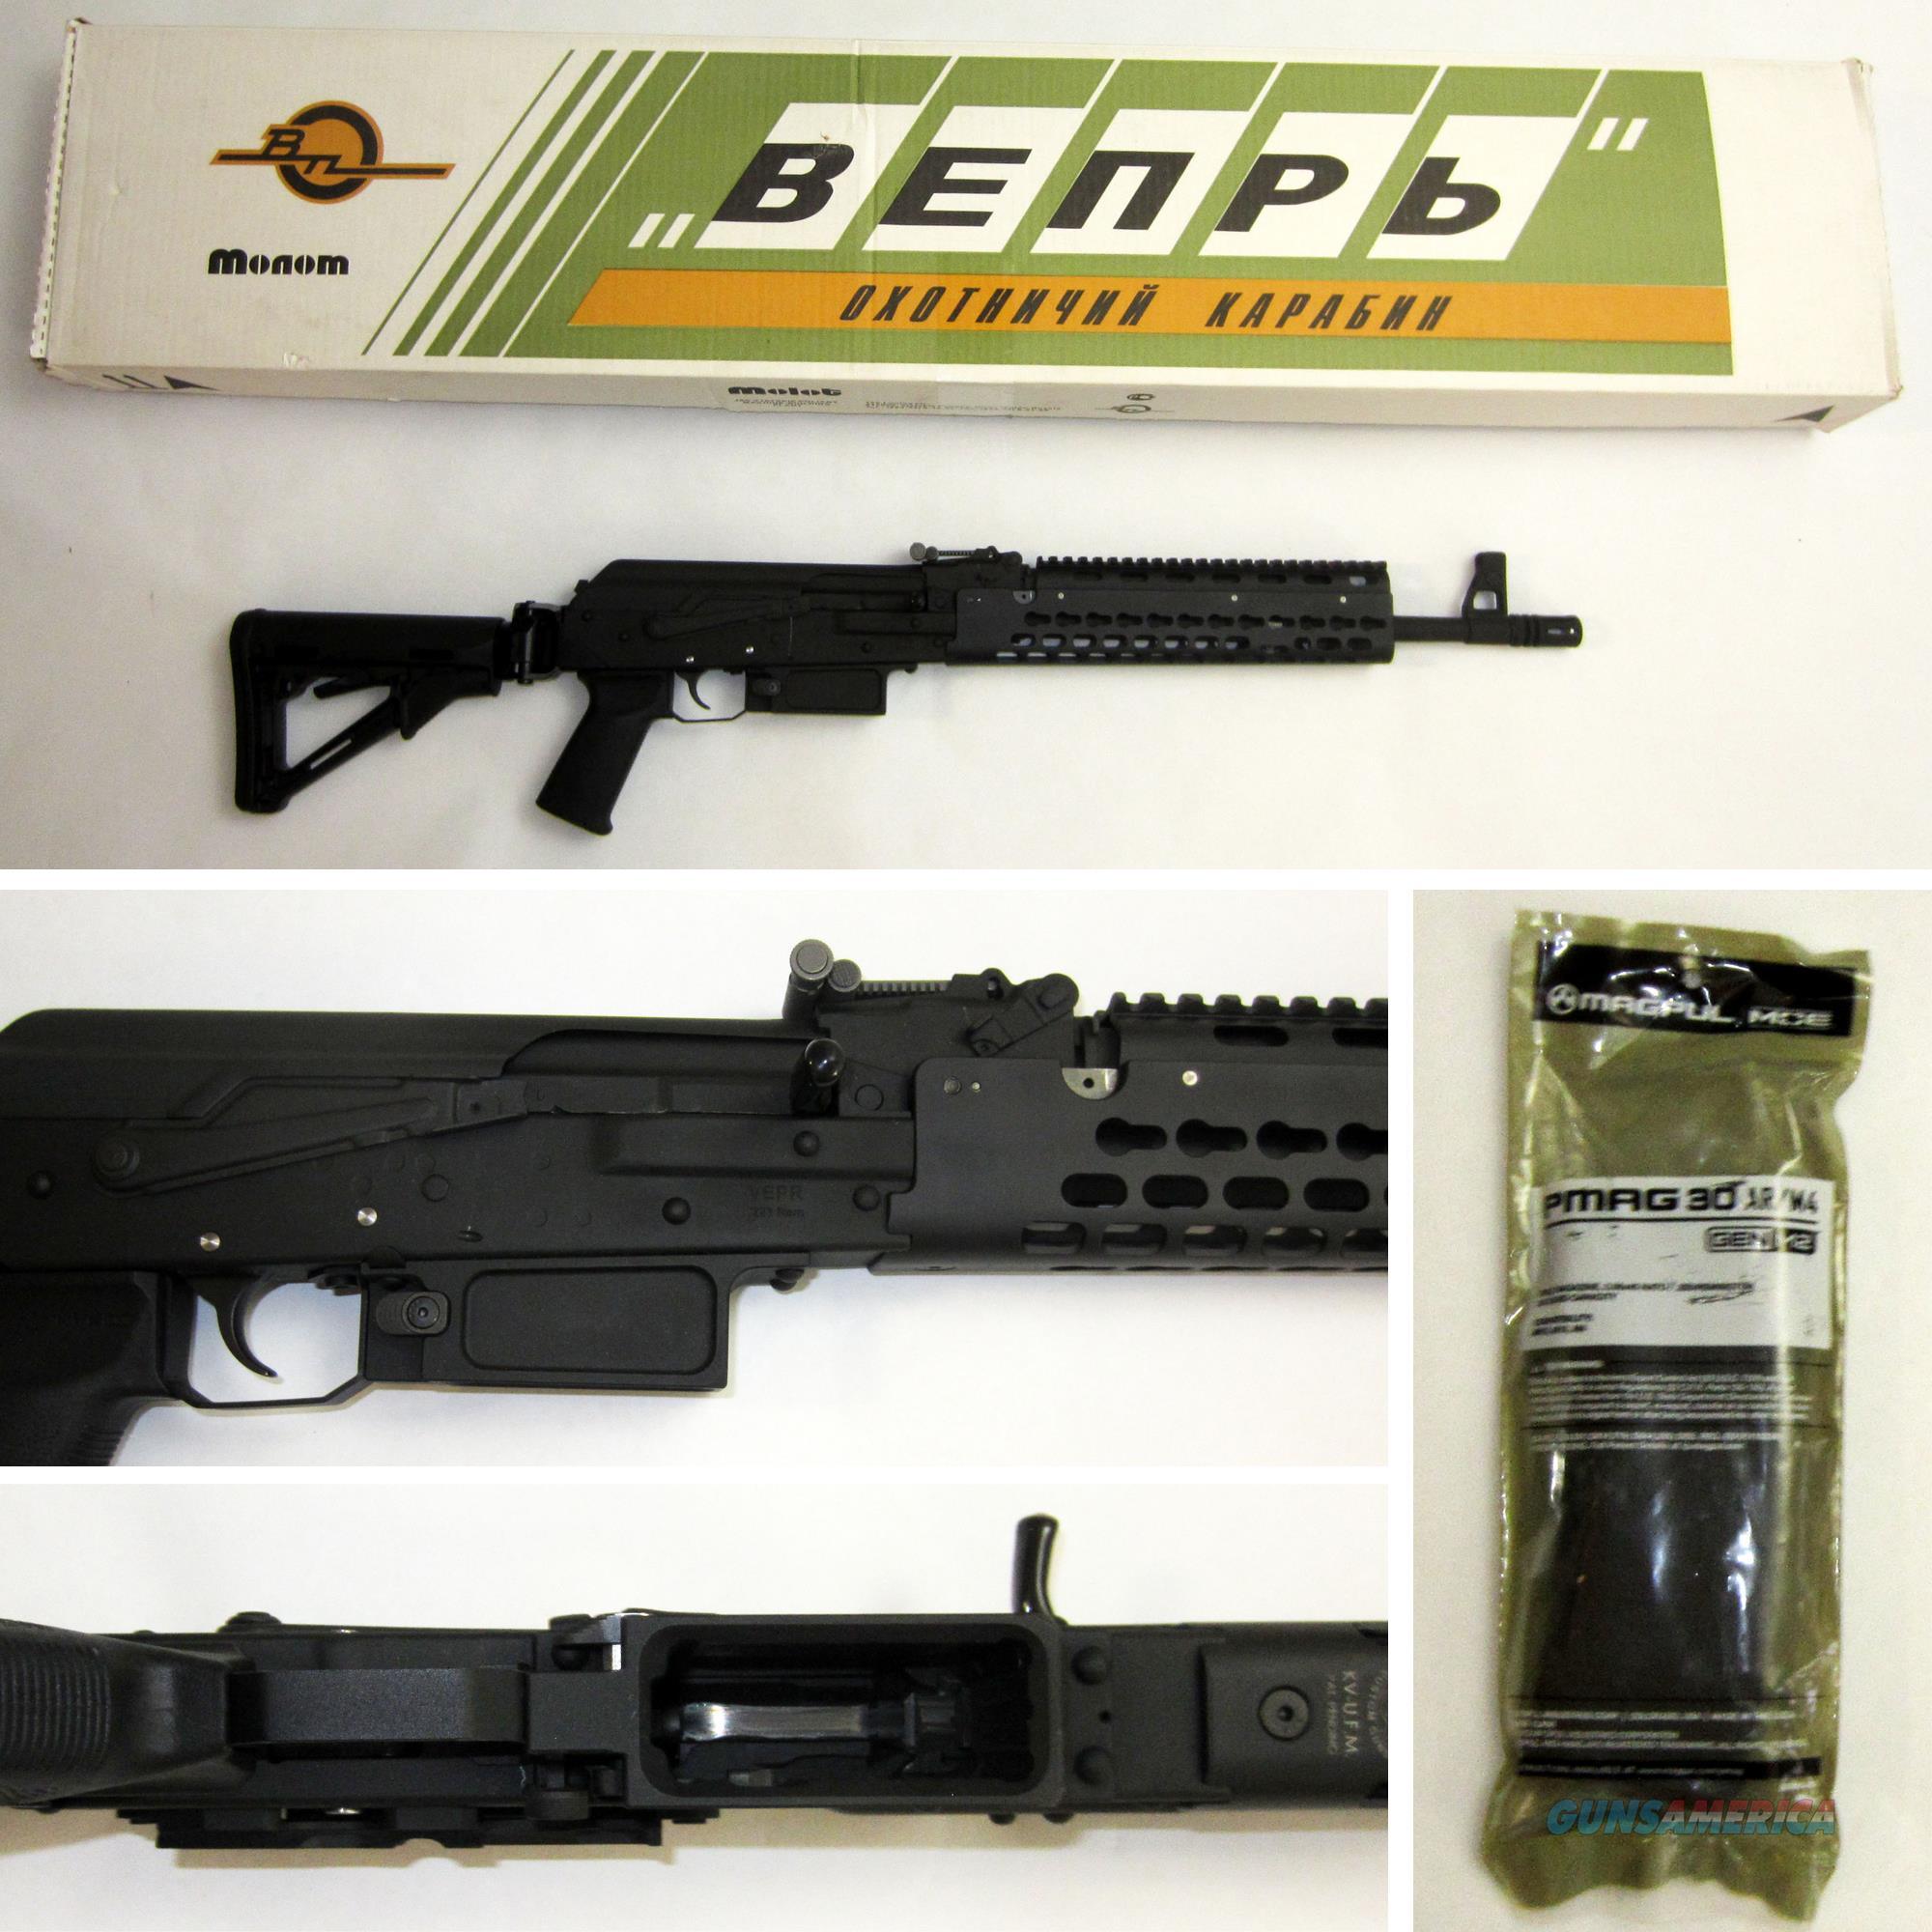 Definitive Arms VEPR AK/556  Guns > Rifles > AK-47 Rifles (and copies) > Folding Stock